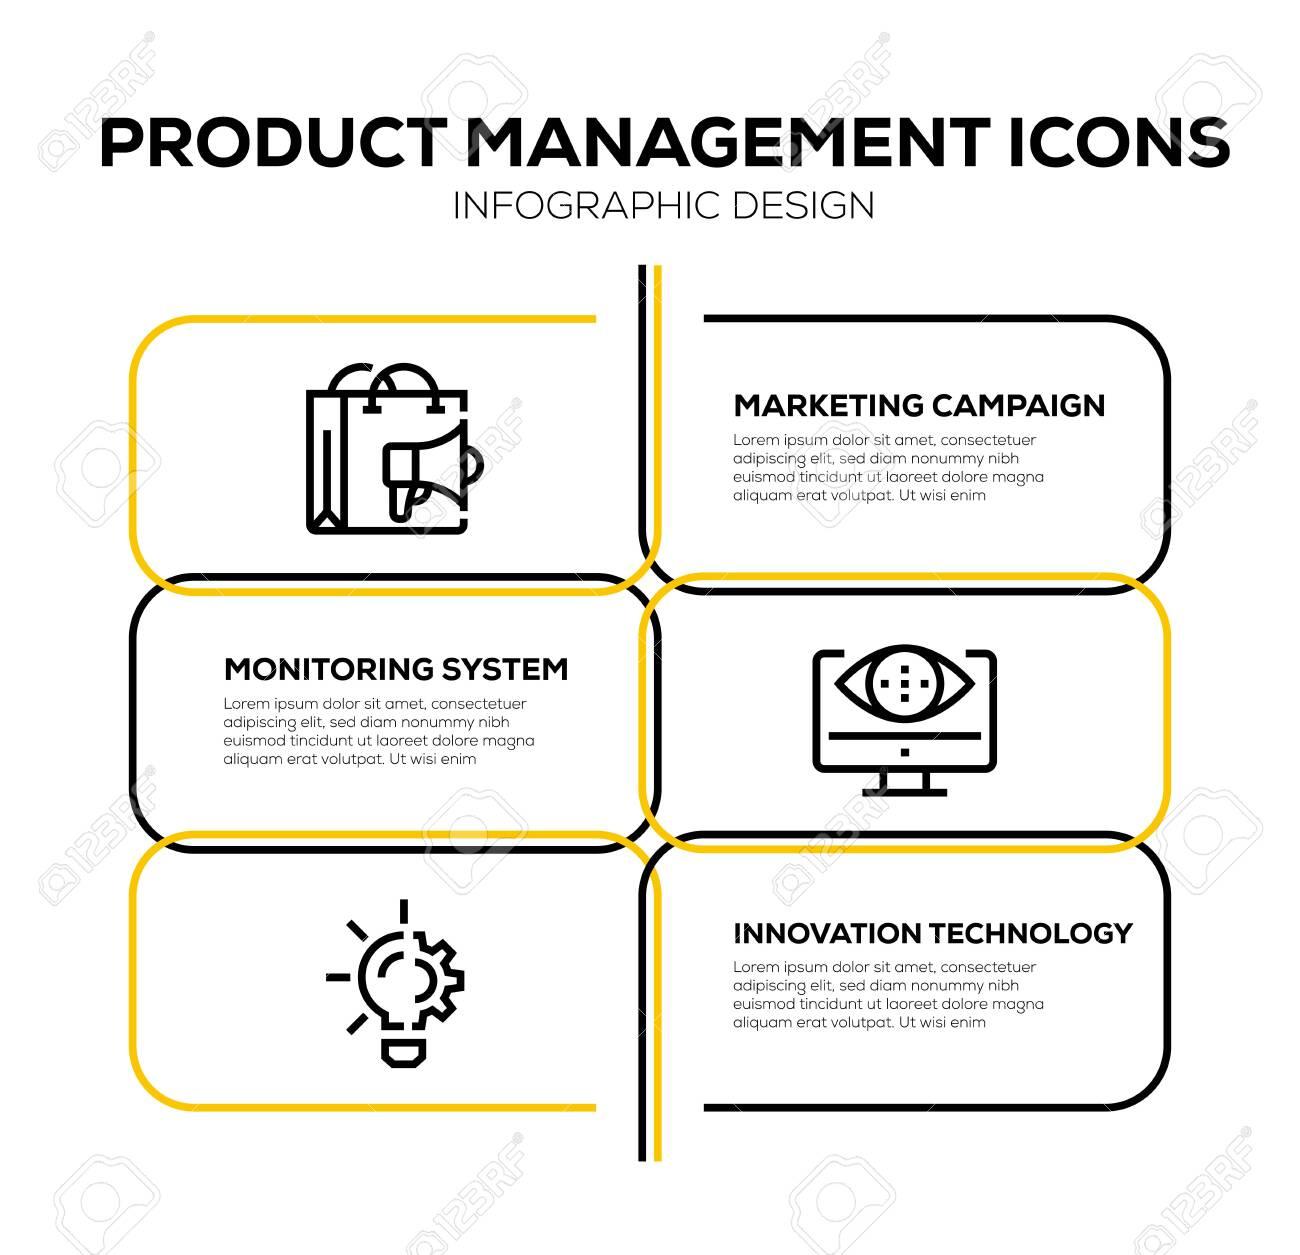 PRODUCT MANAGEMENT ICON SET - 122536280